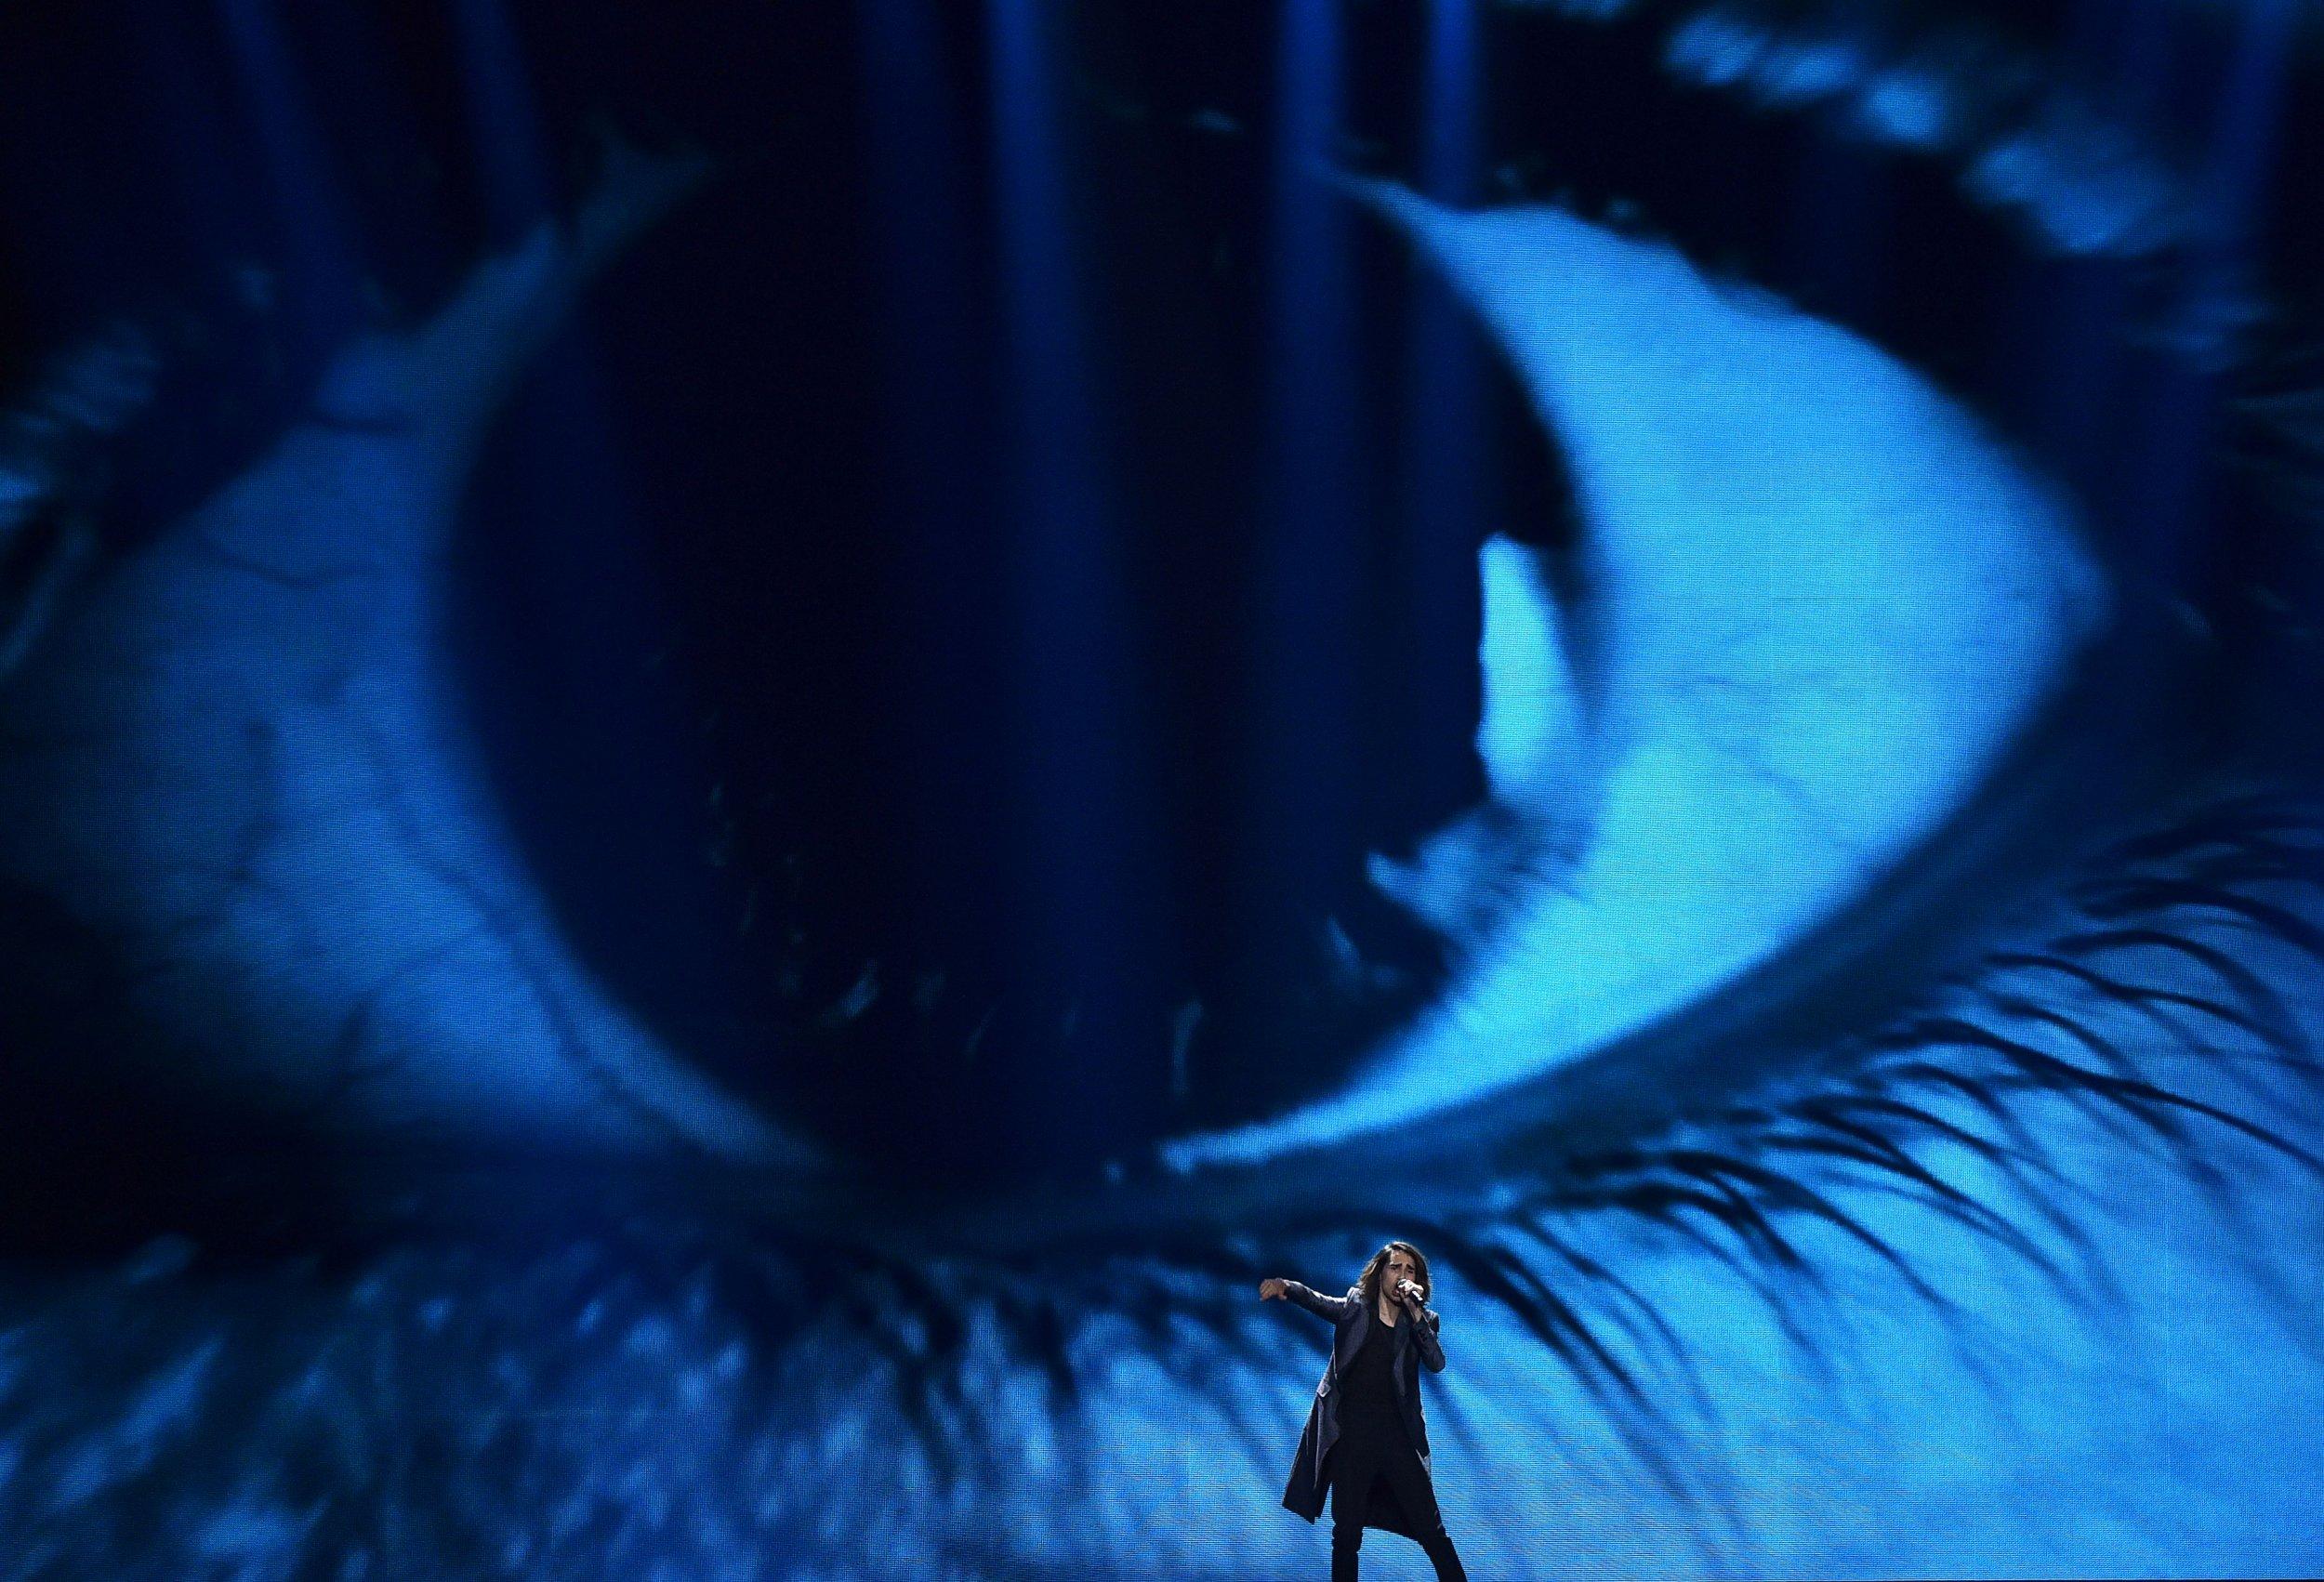 12_05_eye